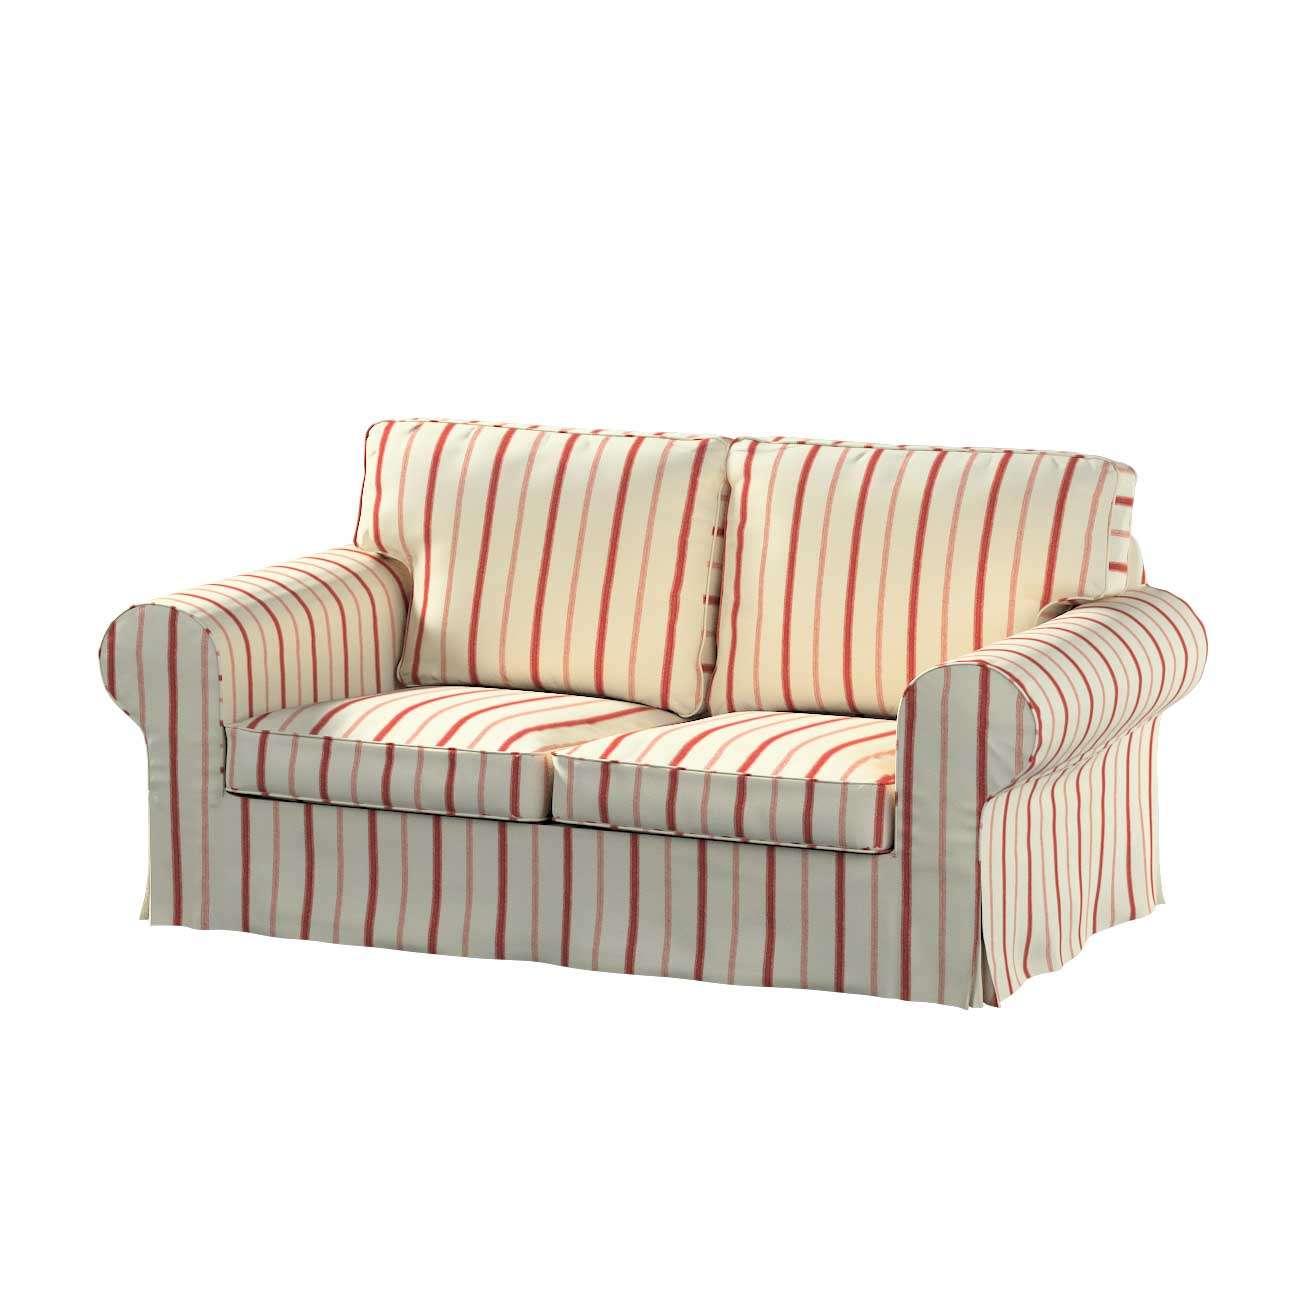 Ektorp dvivietės sofos užvalkalas Ektorp dvivietės sofos užvalkalas kolekcijoje Avinon, audinys: 129-15